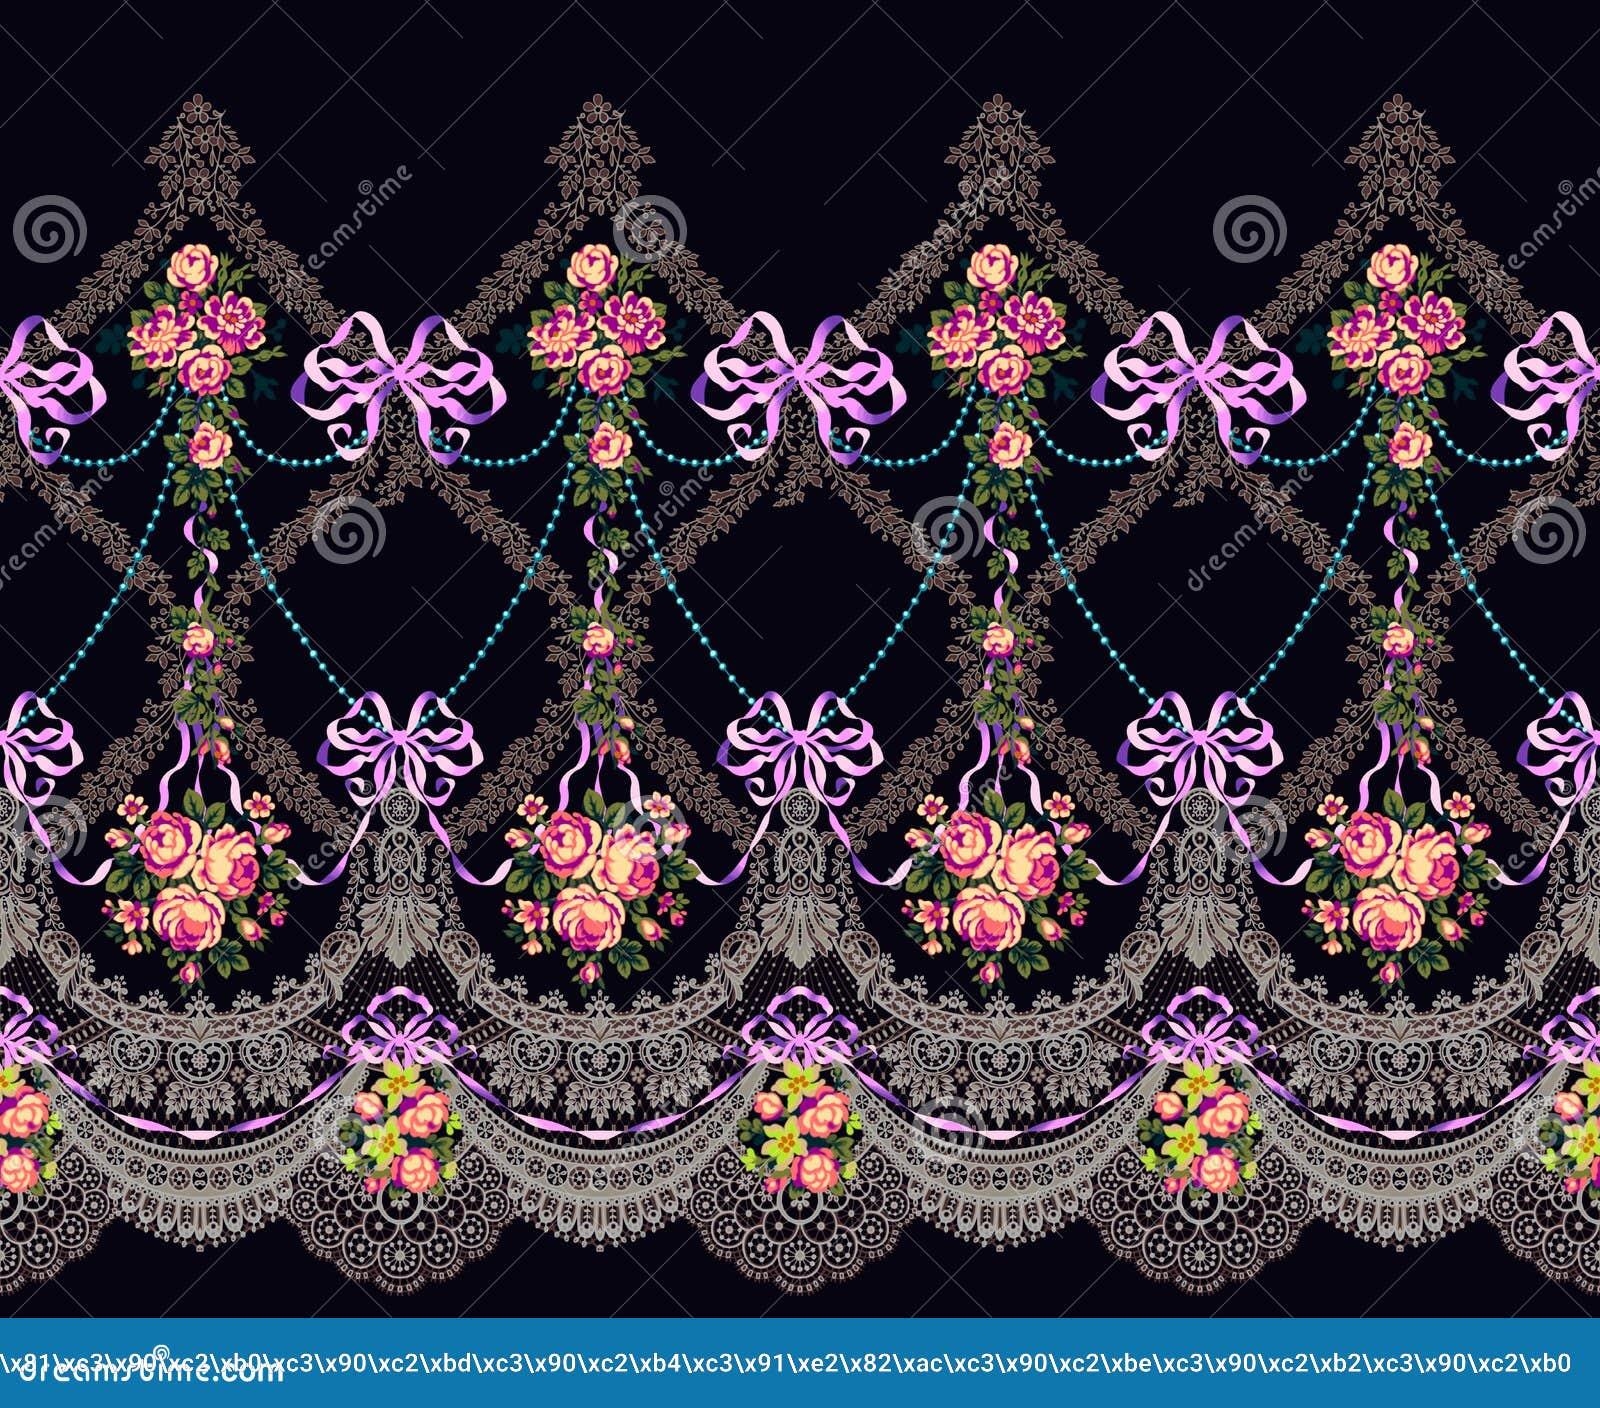 El cordón horizontal de la frontera del modelo de la tela florece la guirnalda